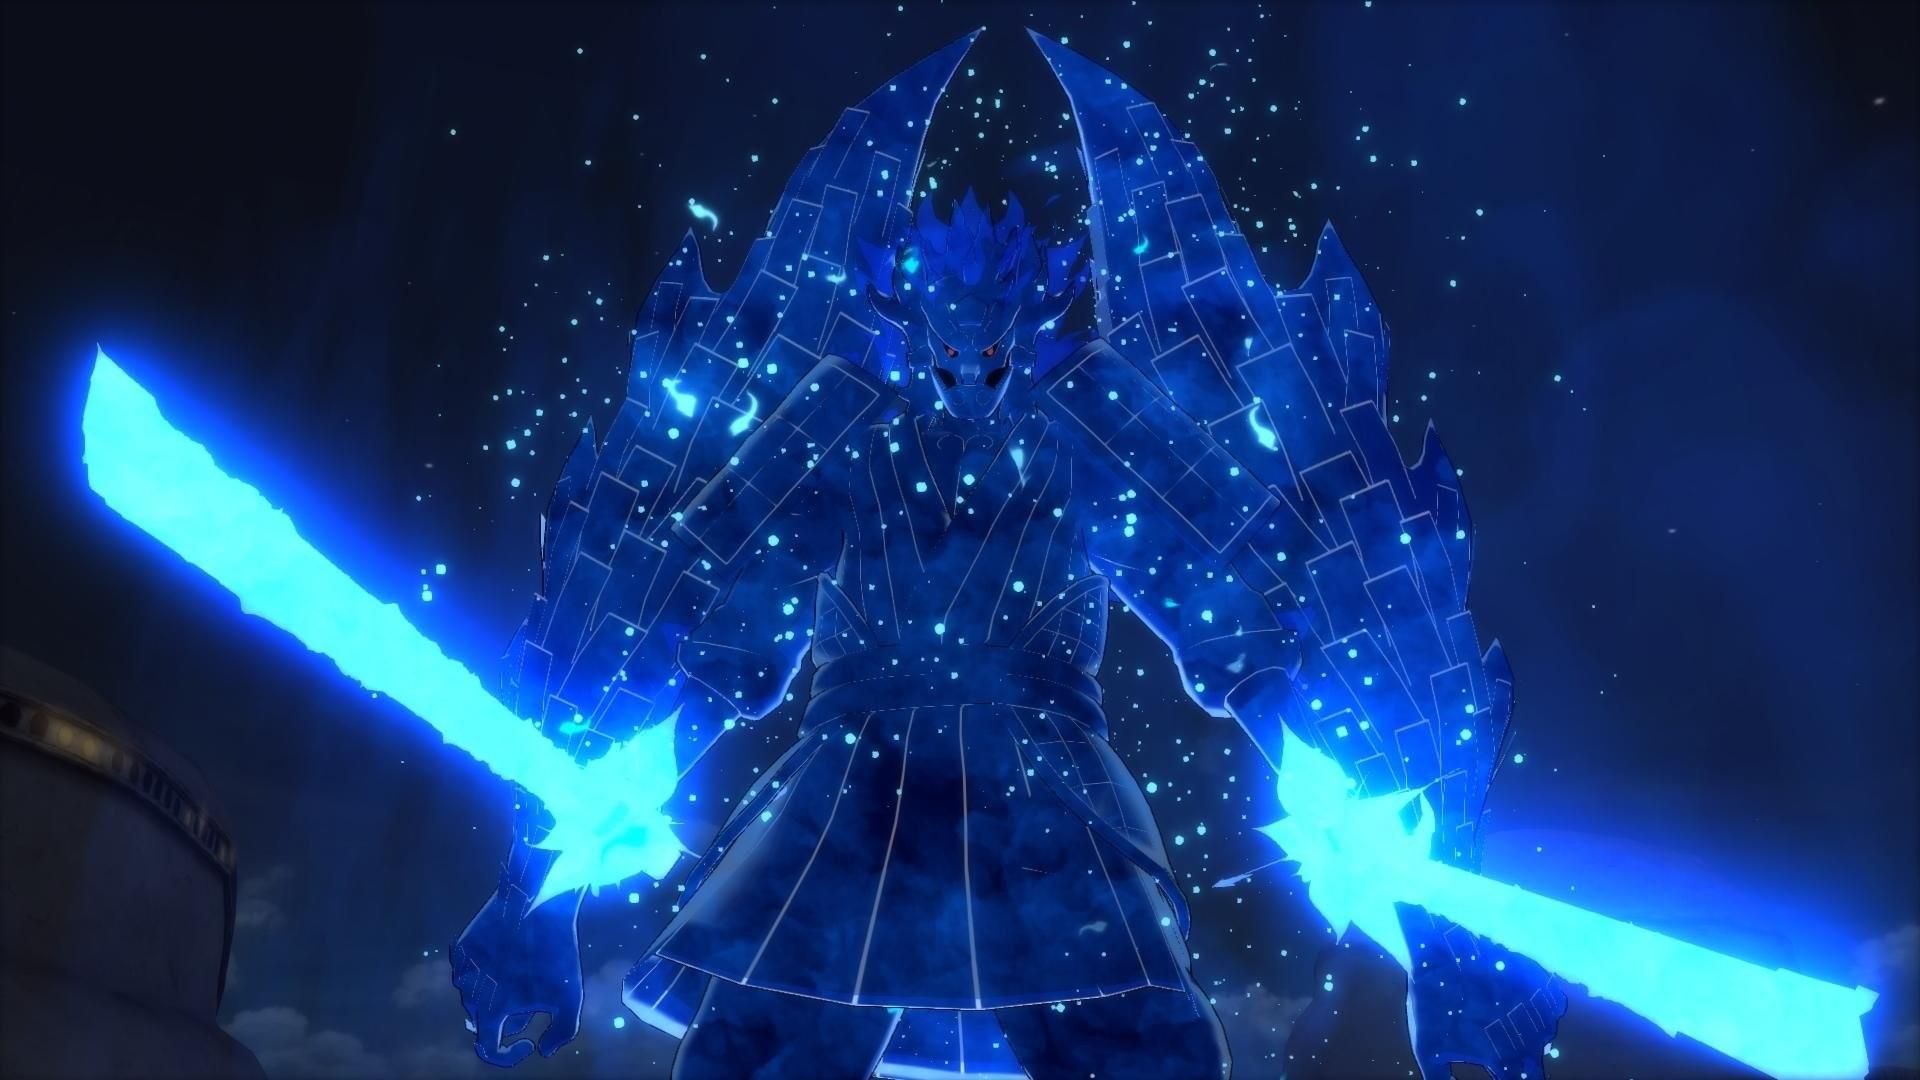 Video Game – Naruto Shippuden: Ultimate Ninja Storm 4 Madara Uchiha Susanoo  (Naruto)